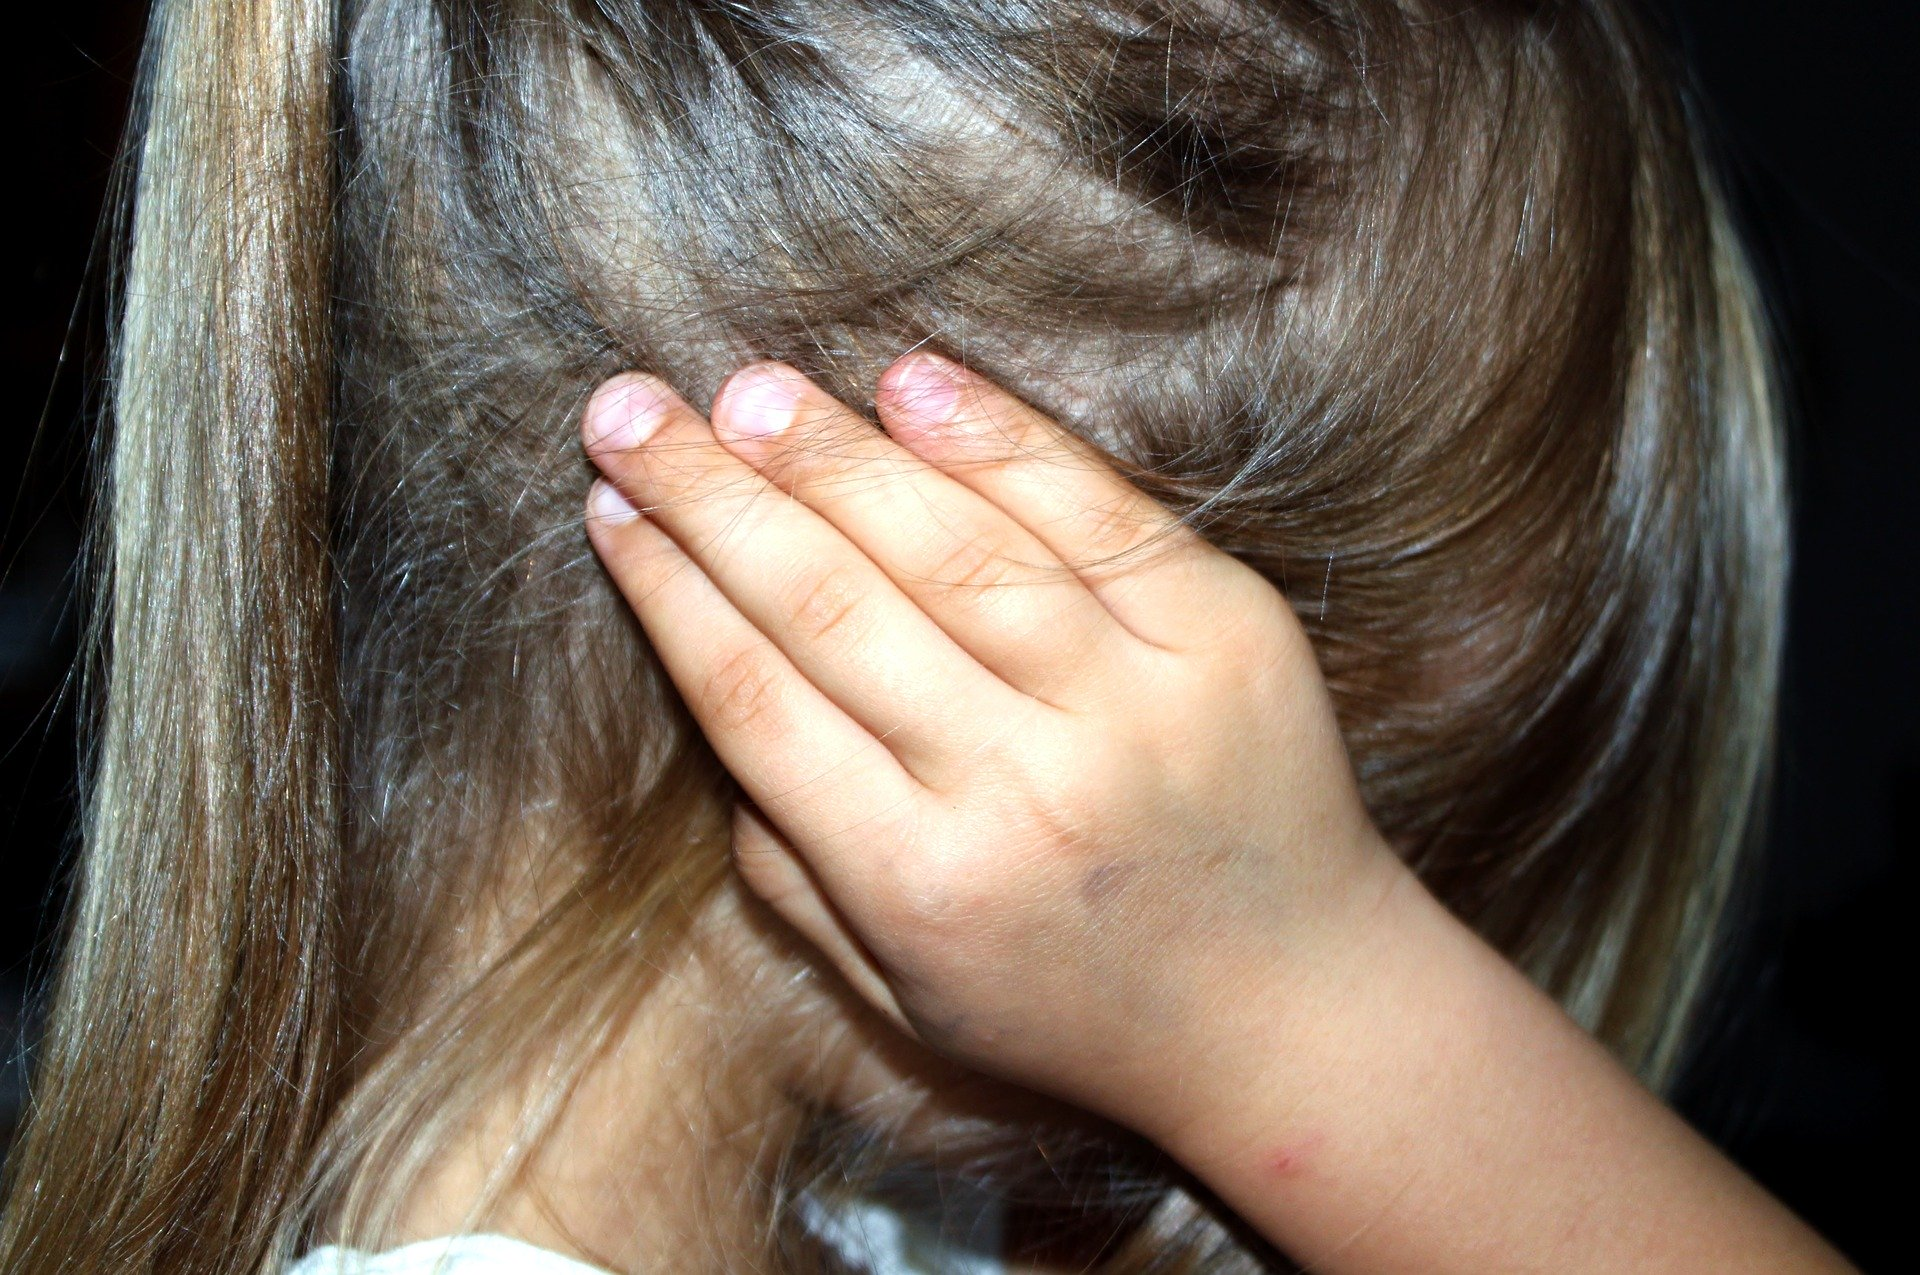 gyermeket szexuálisan bántalmaztak